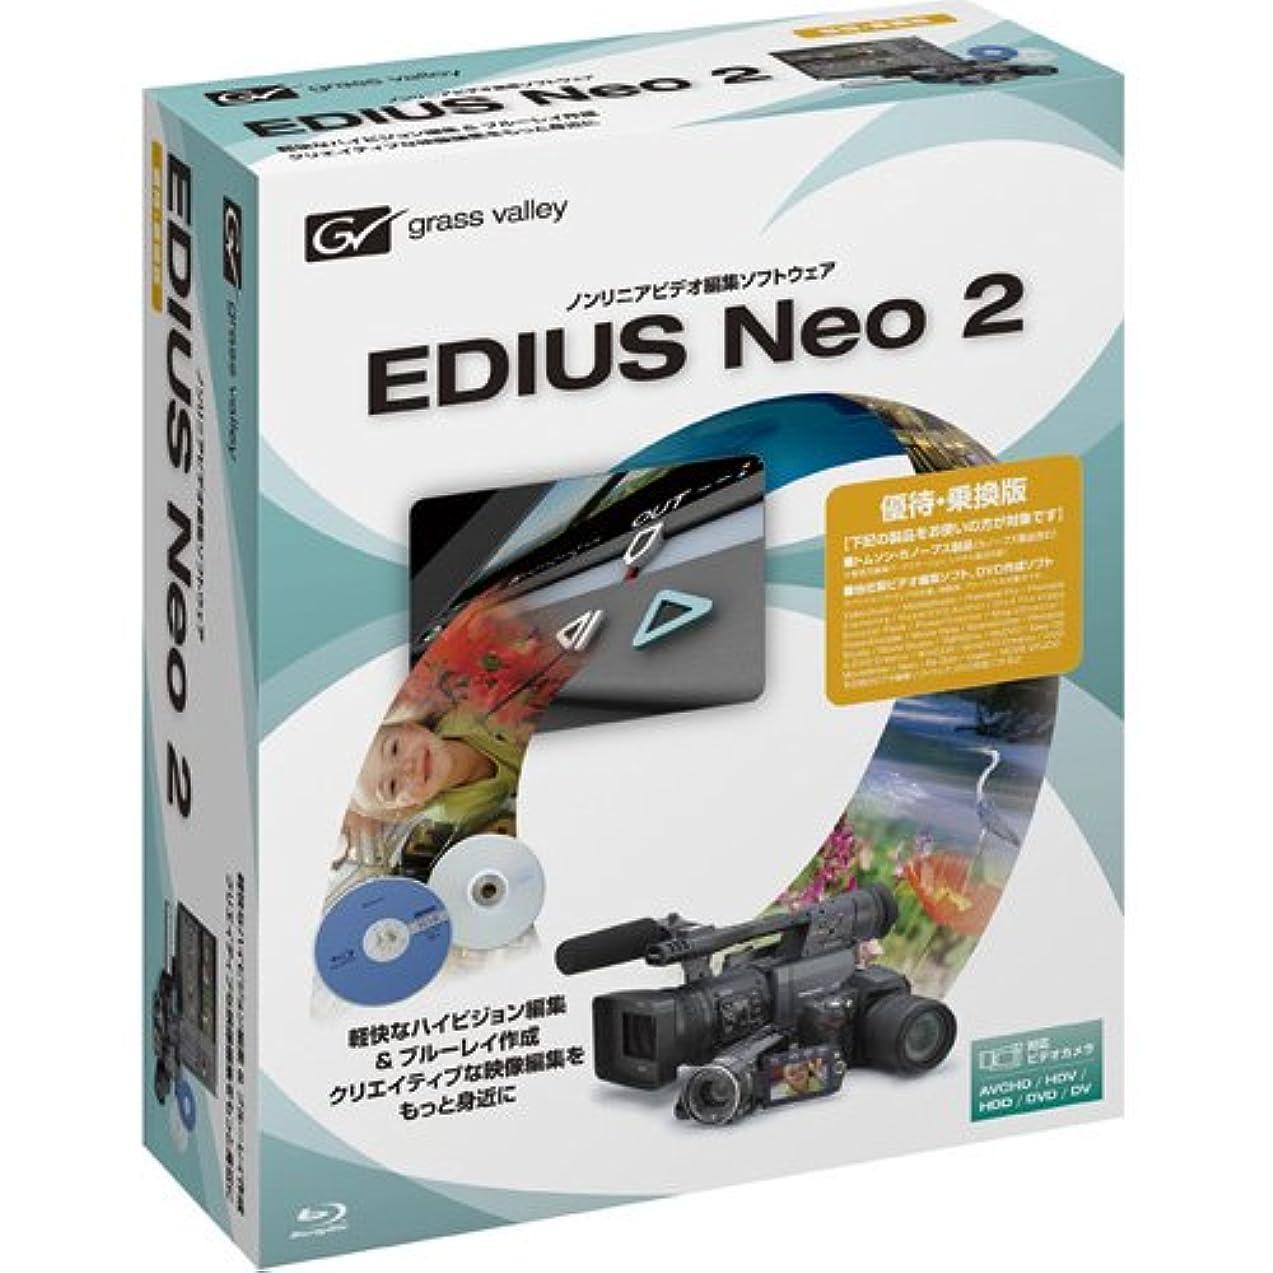 排除する磁石テメリティEDIUS Neo2 優待乗換版 EDIUSNEO2-SP